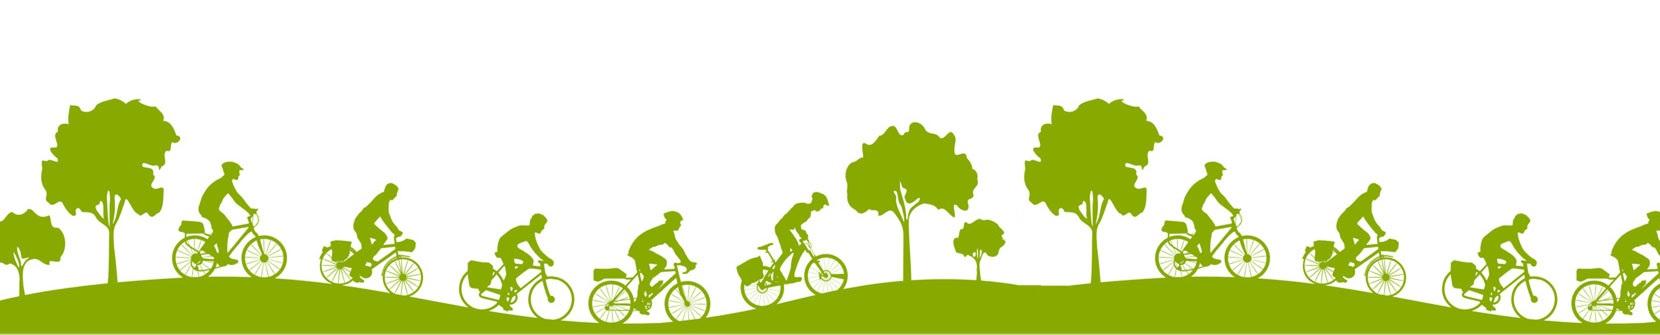 Profitieren Sie von unserer E-Bike Garantie